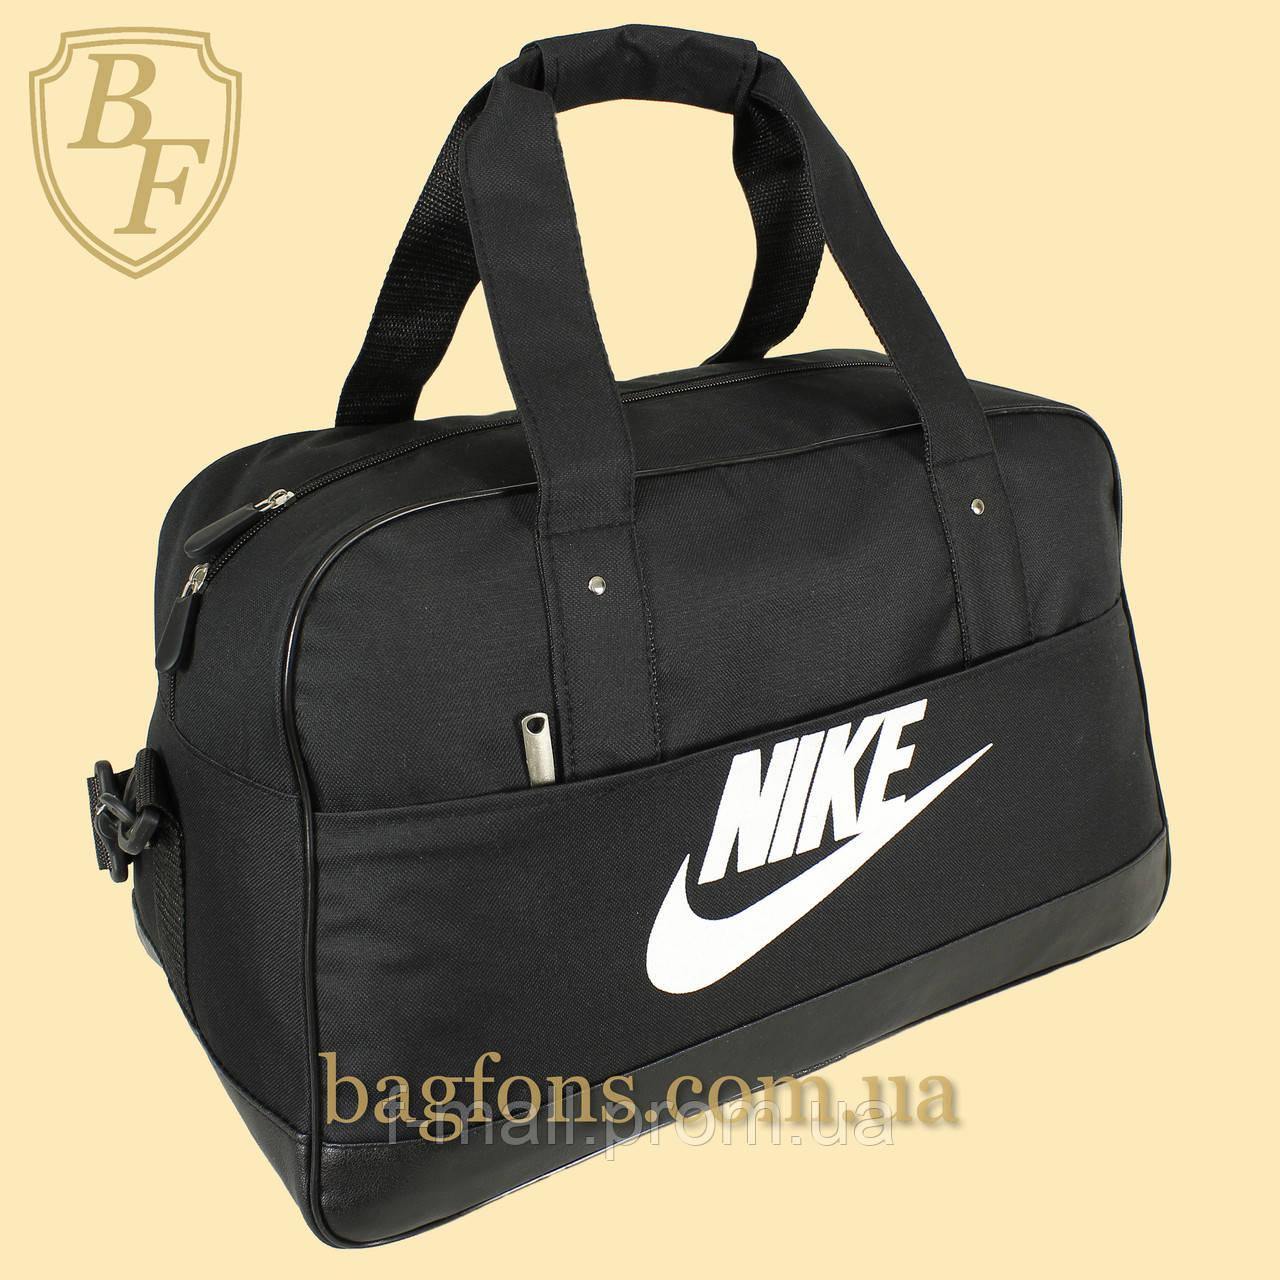 Спортивная дорожная сумка Nike мужская, женская 30л (SN025) черный